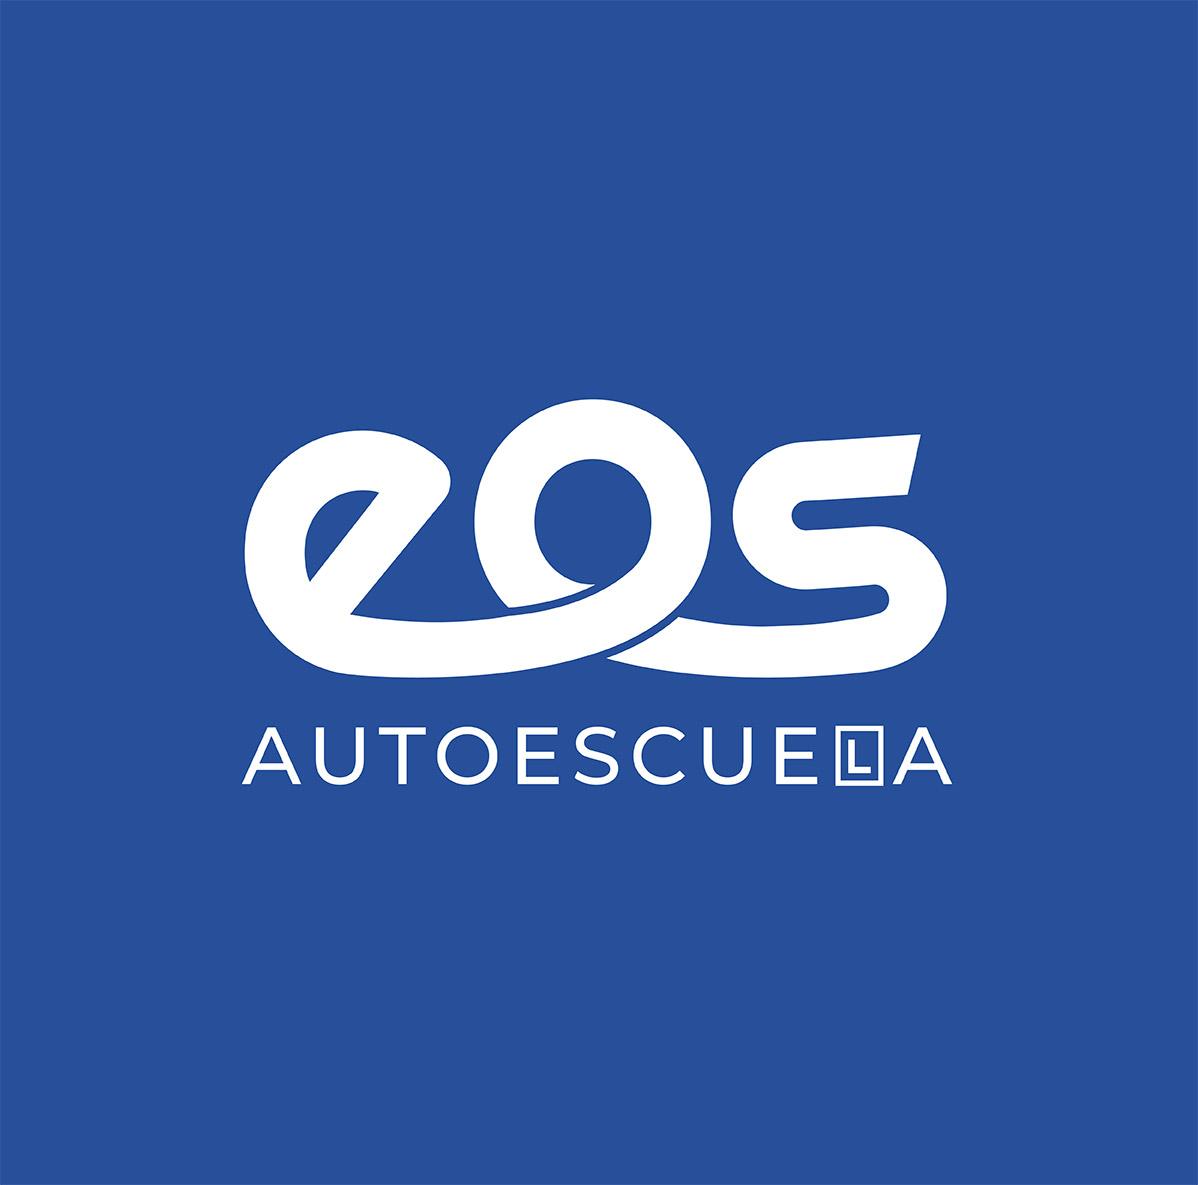 Diseño de logotipo para autoescuela